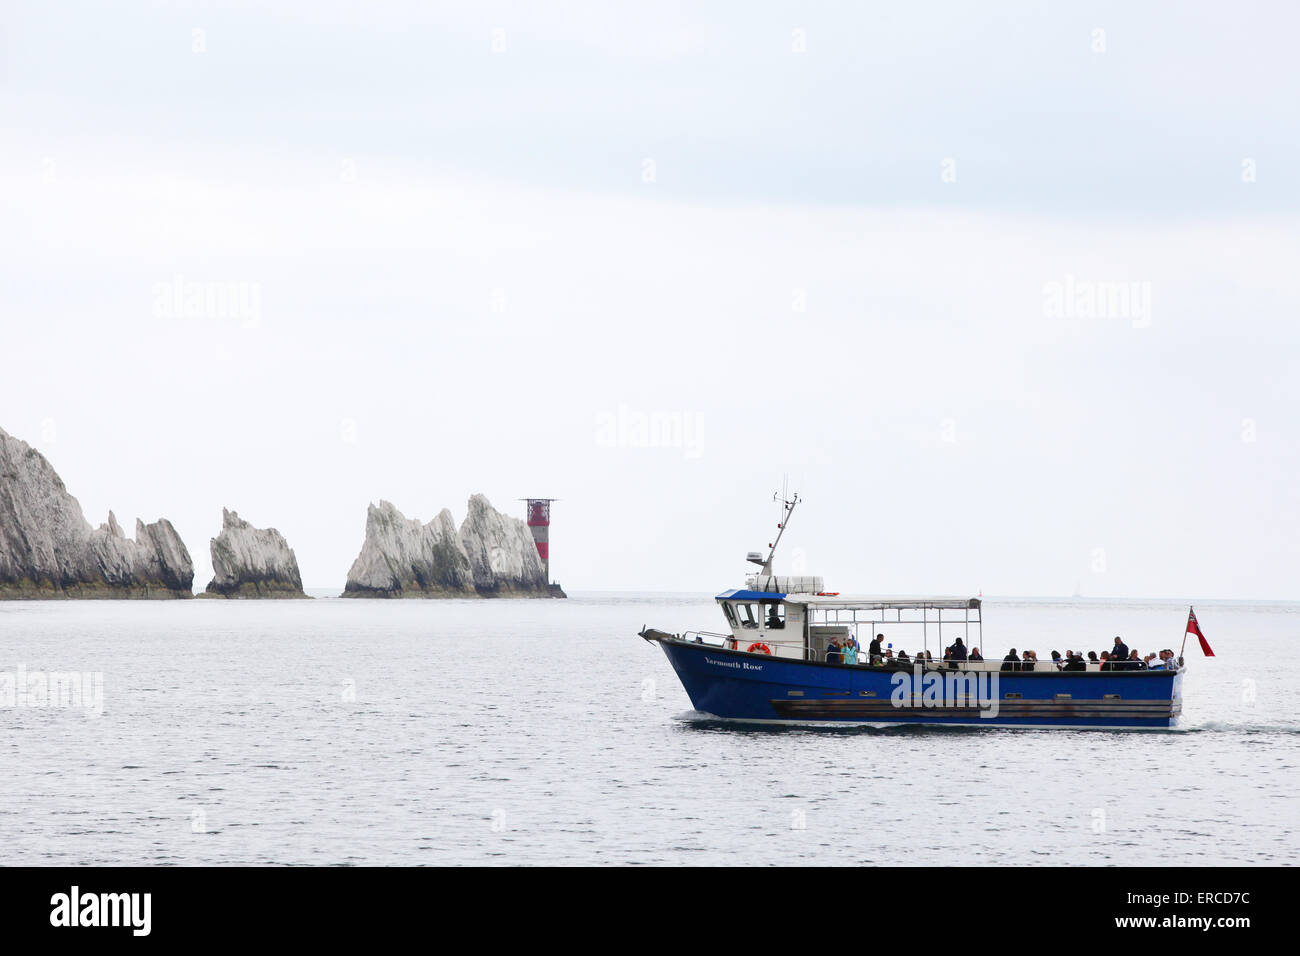 Agujas cruceros de placer, Yarmouth Rose turista viaje en barco para visitar las agujas en la Isla de Wight Imagen De Stock